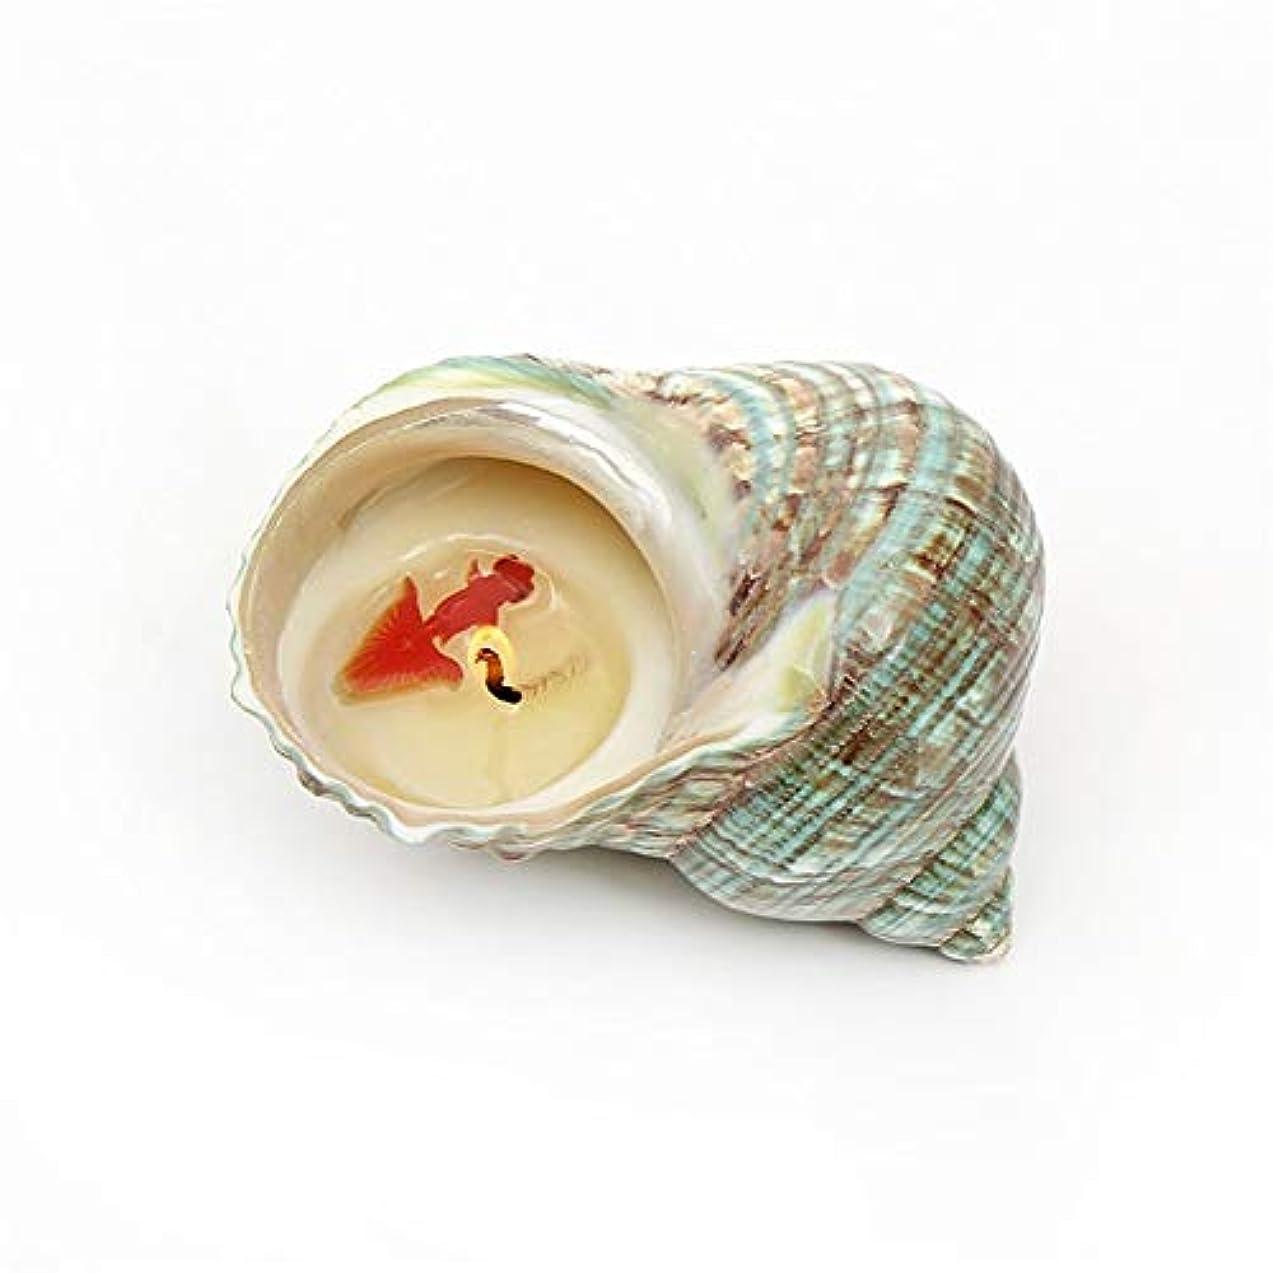 バンド前書き相続人Guomao 手作りのシェル金魚の香りキャンドルカップ誕生日プレゼントロマンチックな告白結婚式の装飾 (色 : Sweet peach)